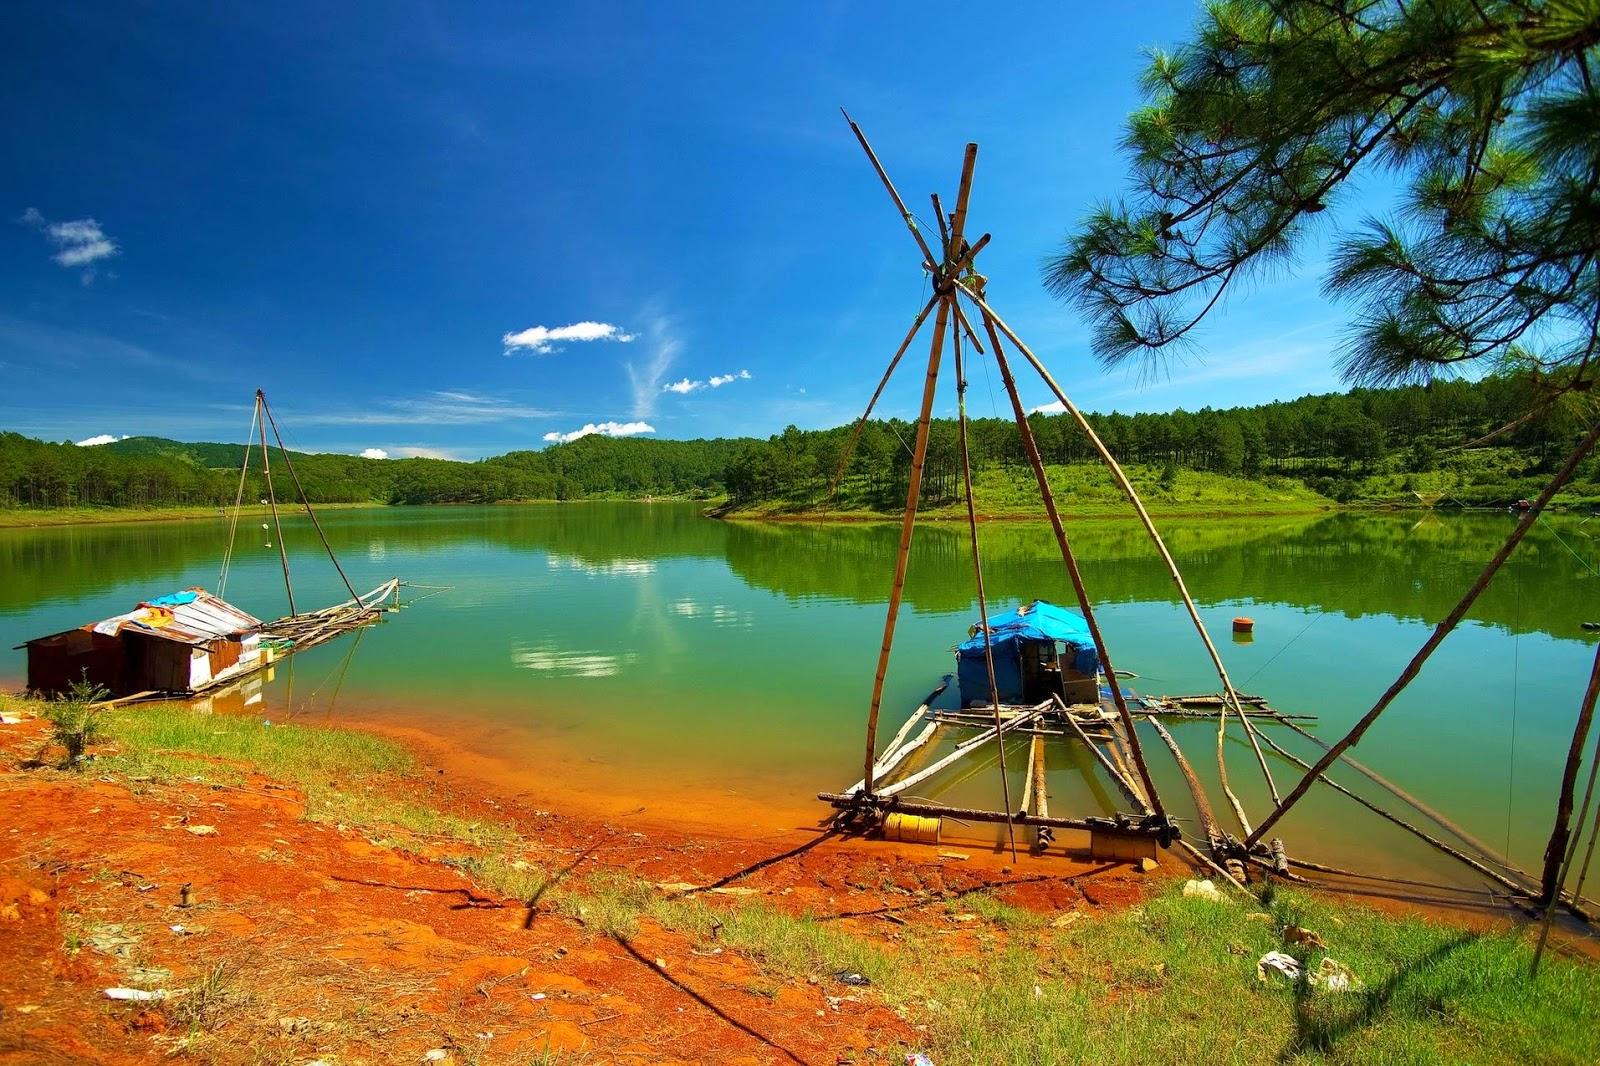 Địa danh nổi tiếng Đà Lạt - Hồ Tuyền Lâm